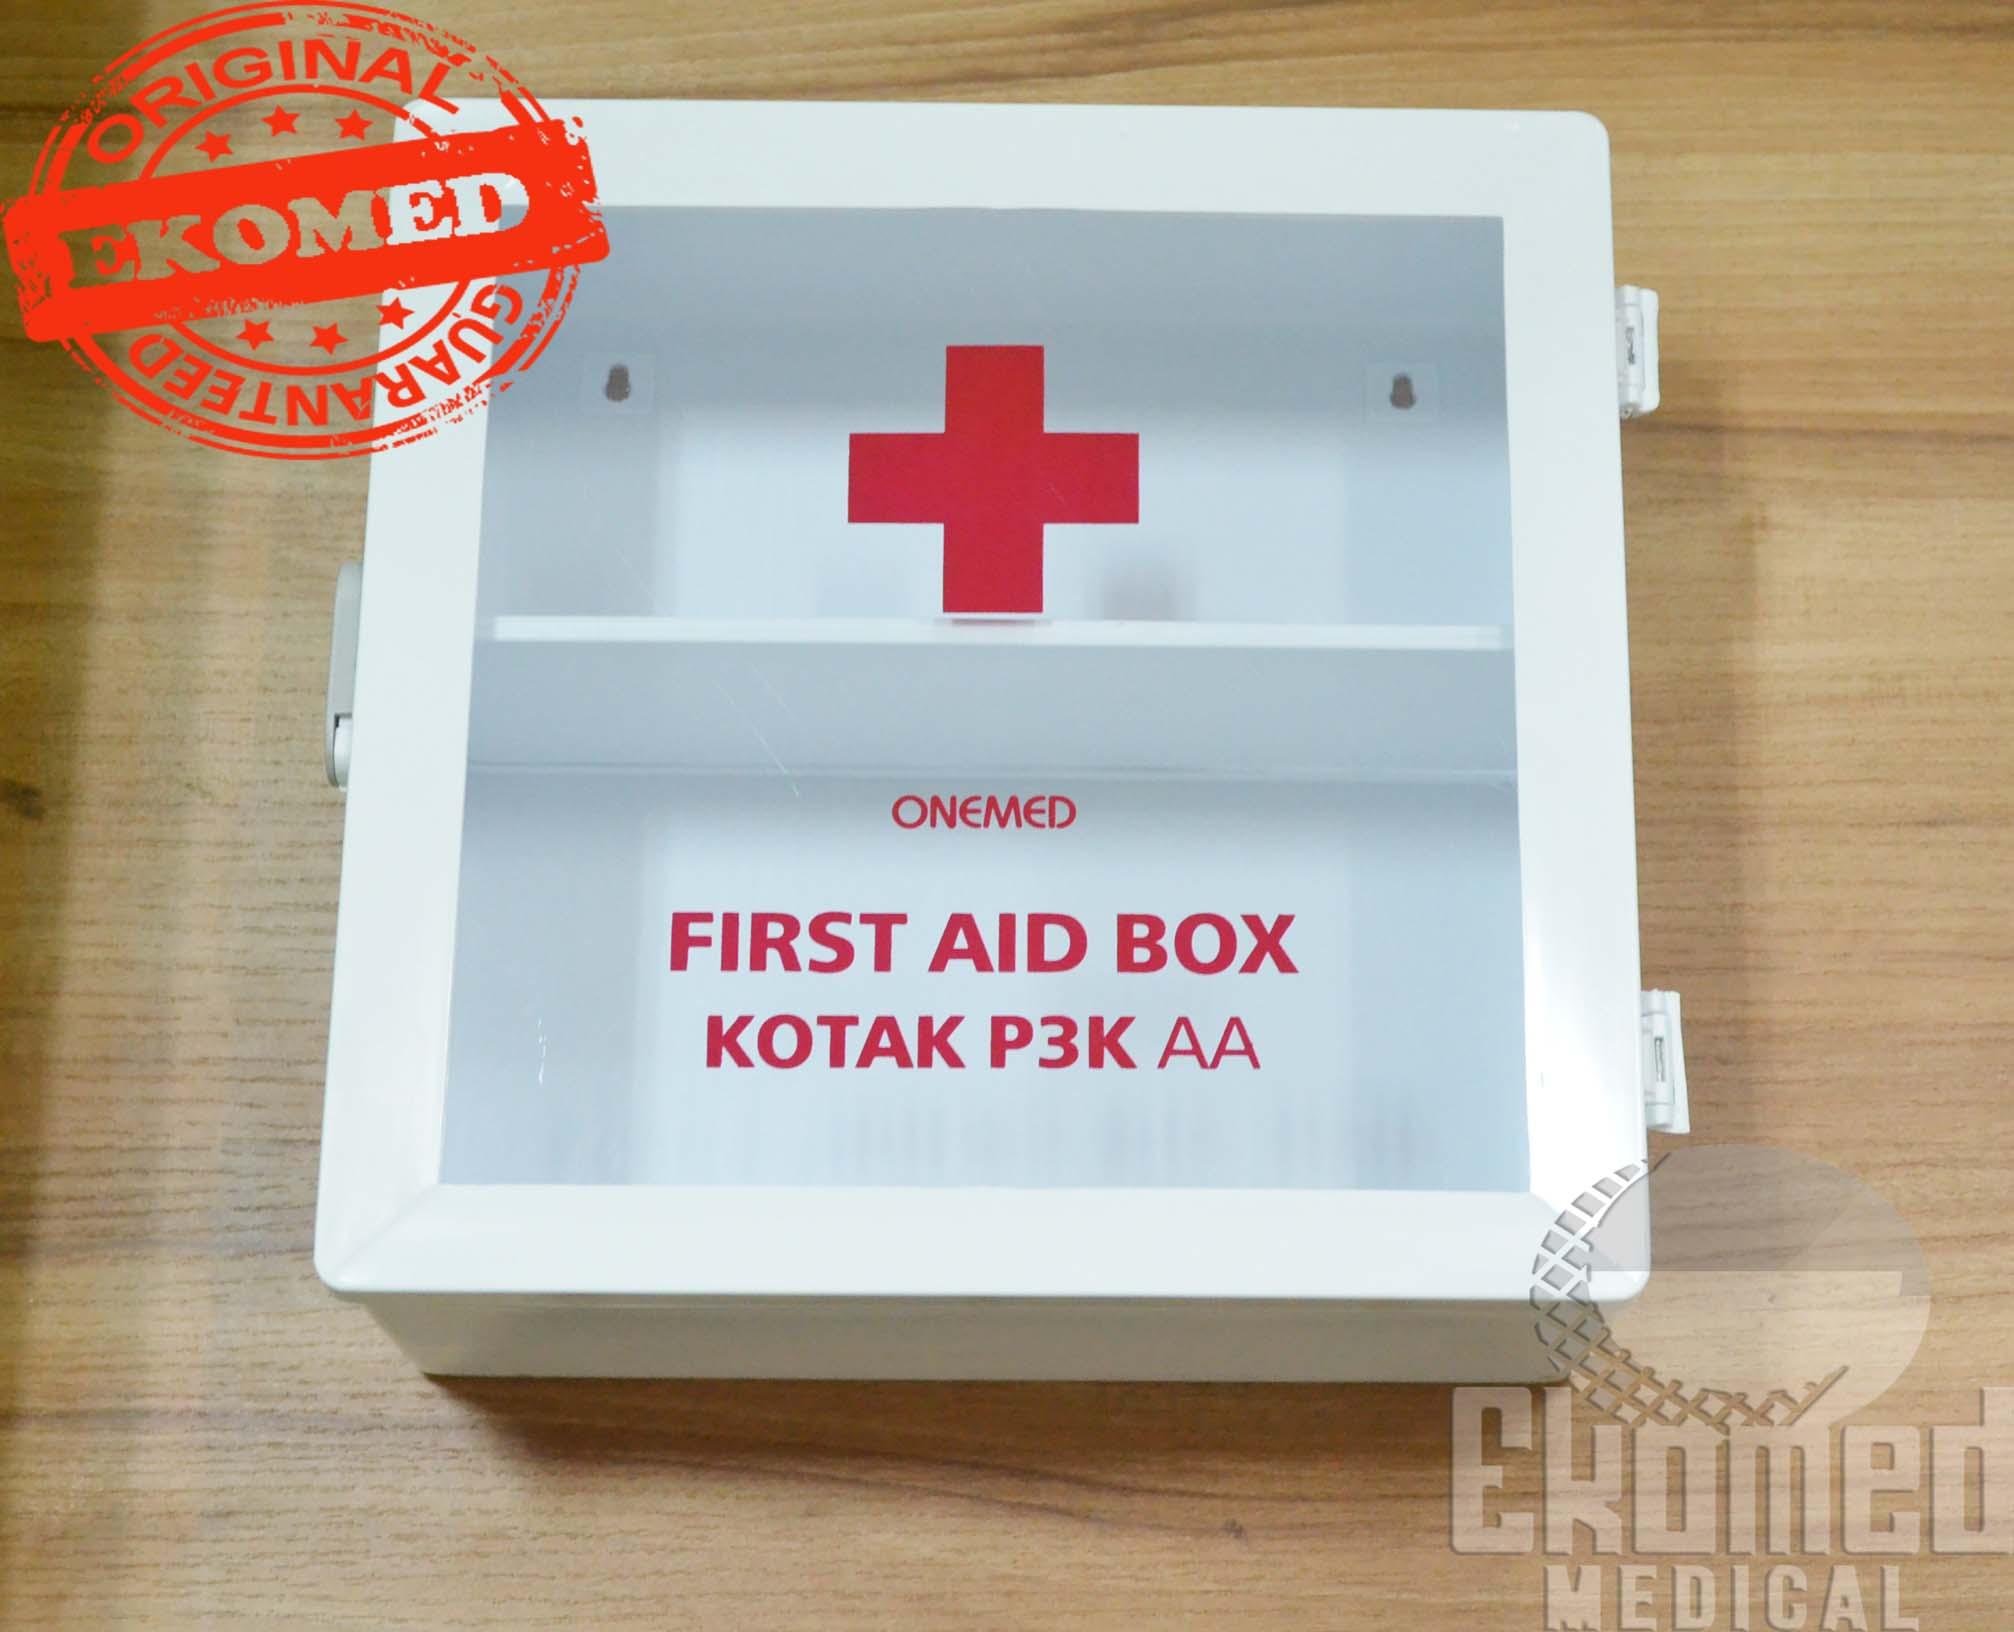 Maspion Kotak P3k First Aid Box Mc 23 Daftar Harga Terbaru Dan Mobil Deluxe Jual Onemed Dinding Putih